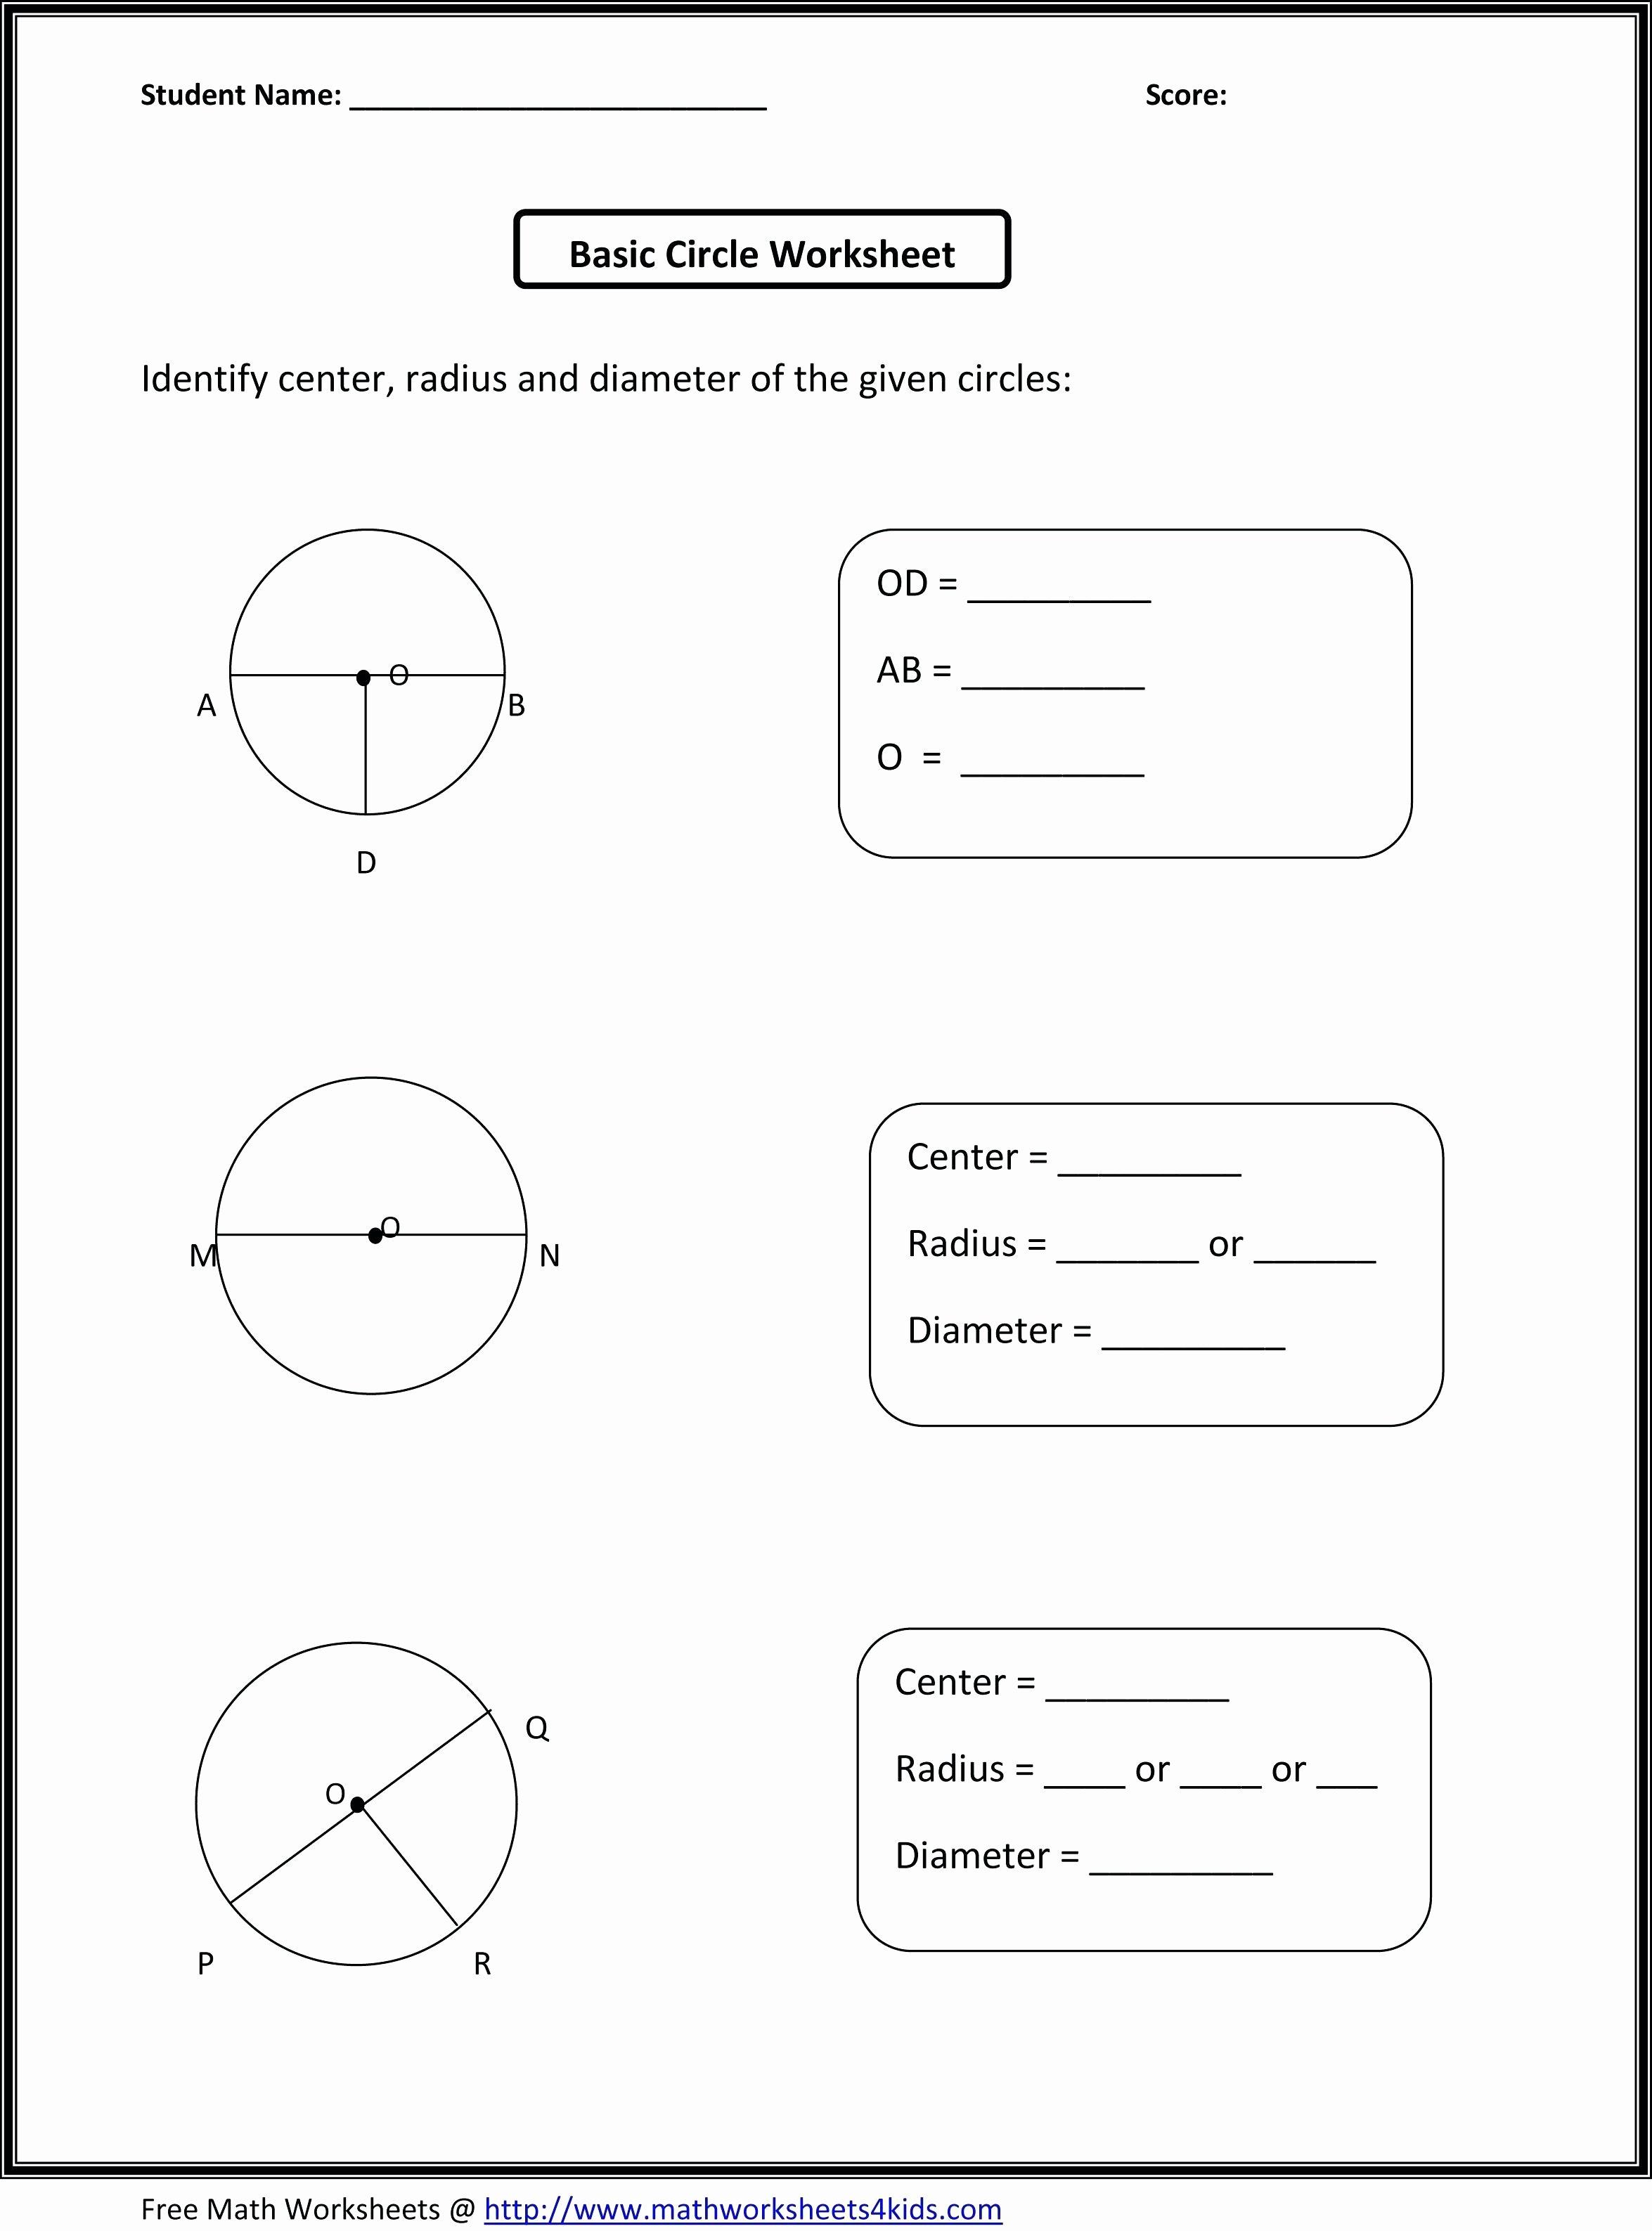 Characteristics Of Quadratic Functions Worksheet Inspirational solving Quadratic Equations Maths Genie solutions